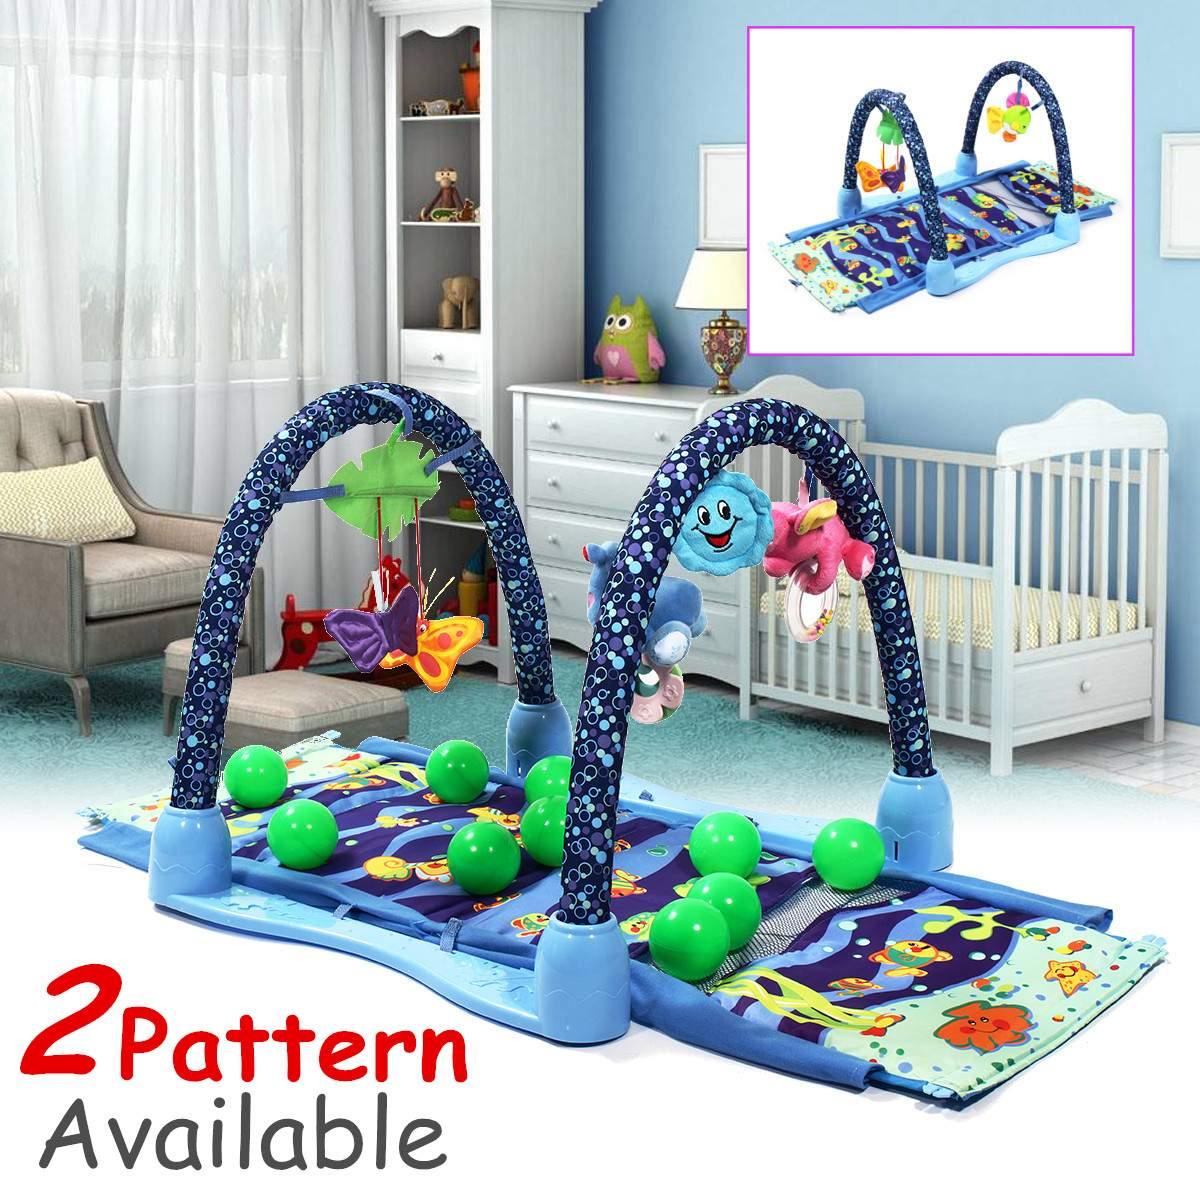 Tapis de jeu pour bébé tapis pour enfants tapis de Puzzle éducatif précoce tapis de jeu pour animaux de bande dessinée tapis de sport pour bébé